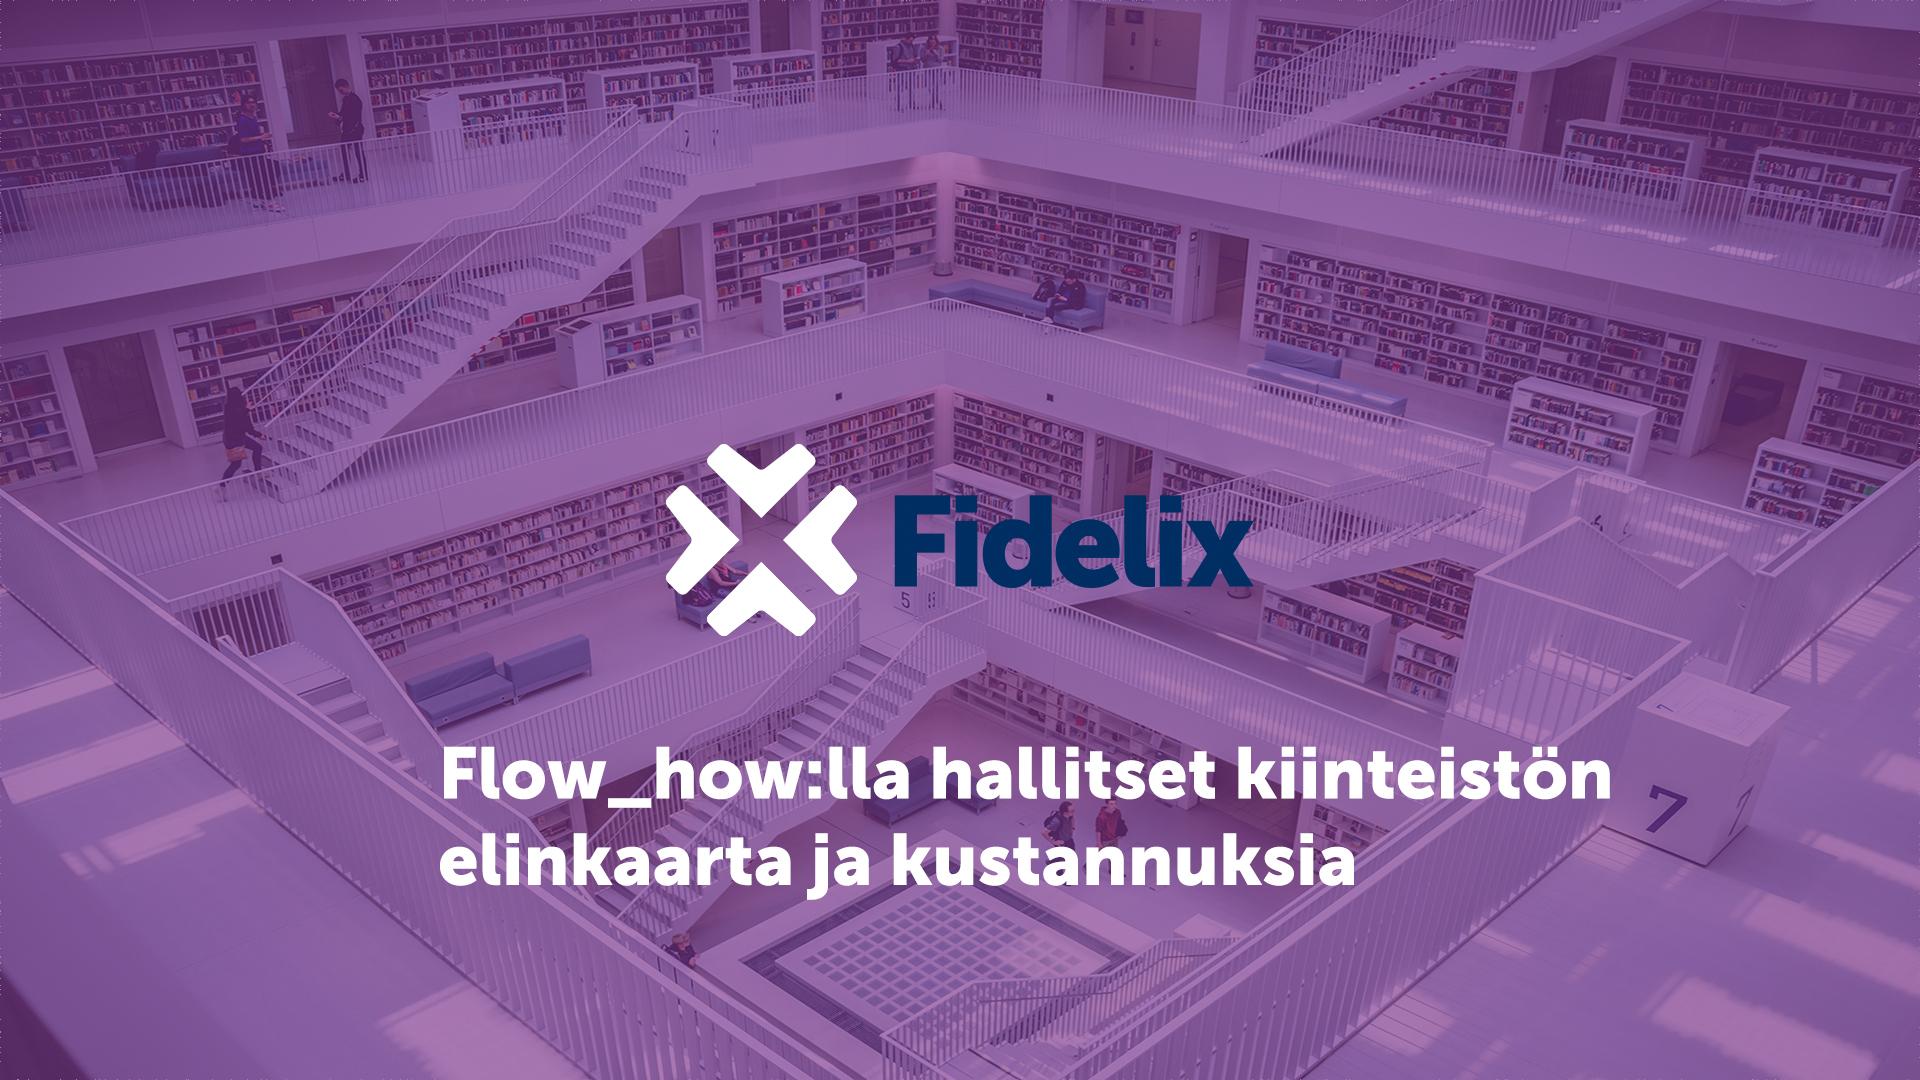 Fidelix flow_how hallitsee kiinteistön elinkaarta ja kustannuksia